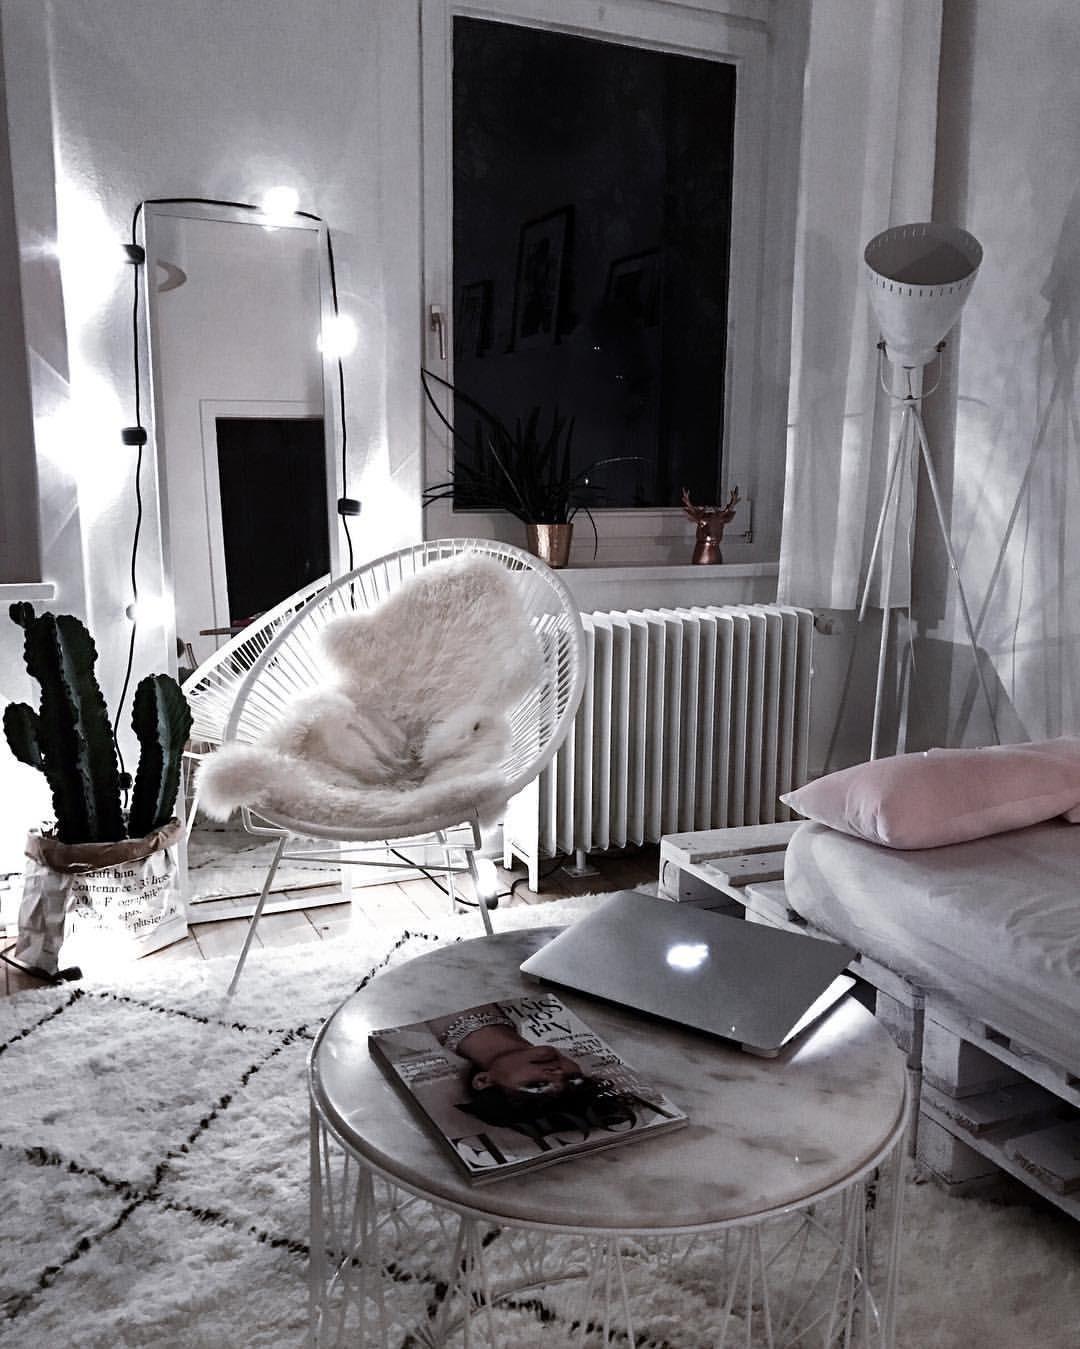 Home Design Ideas Instagram: Vedi La Foto Di Instagram Di @aylin_koenig • Piace A 5,375